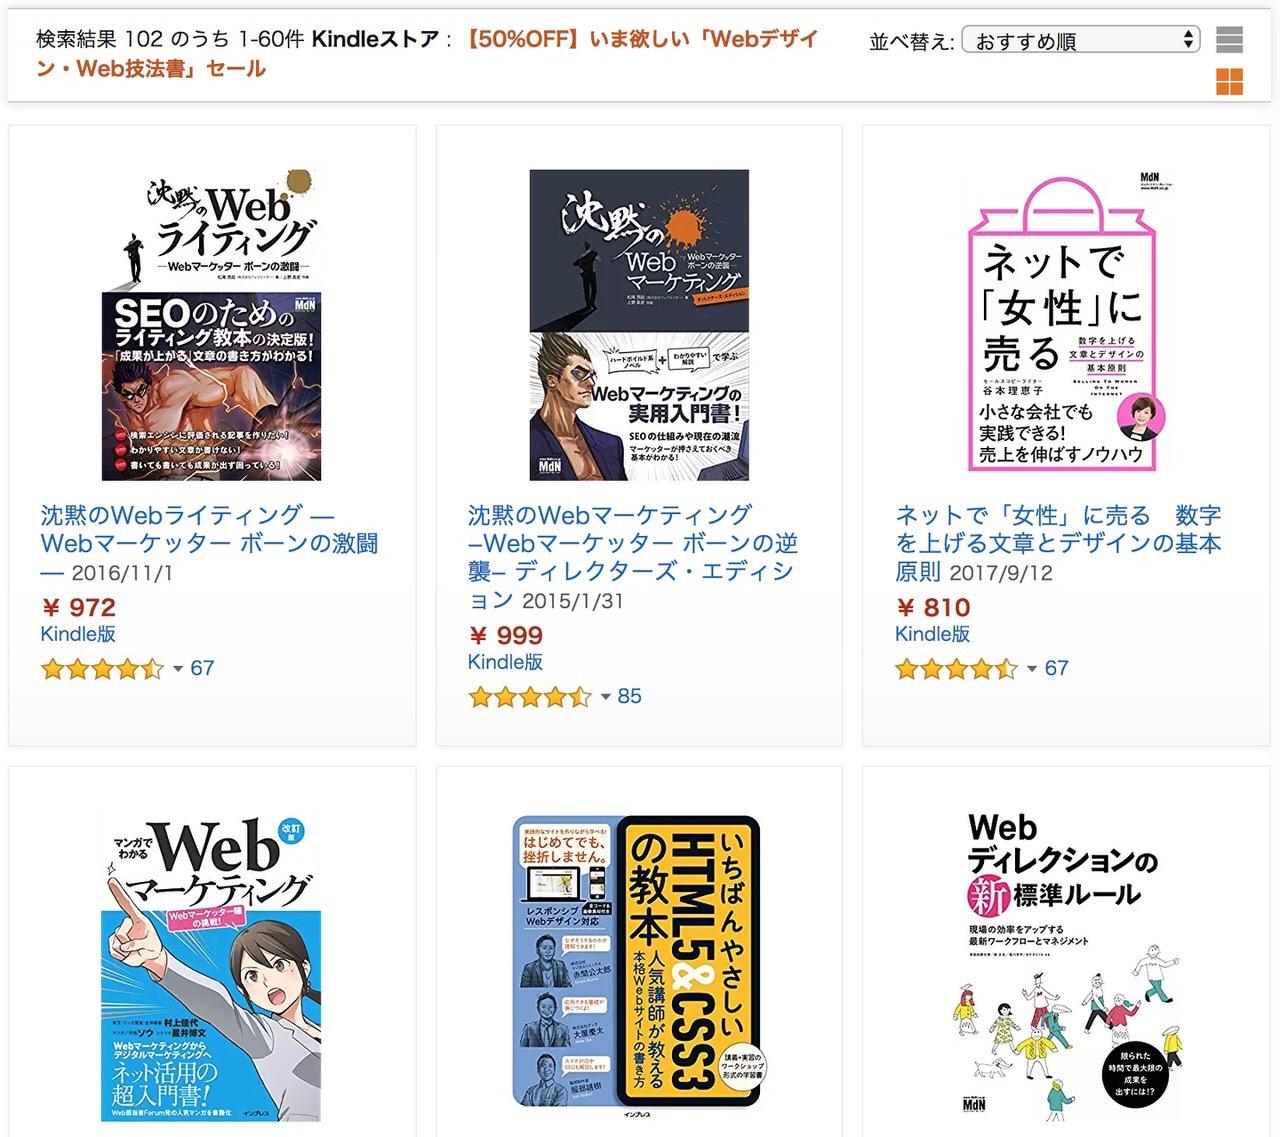 【Kindleセール】50%OFF!いま欲しい「Webデザイン・Web技法書」セール